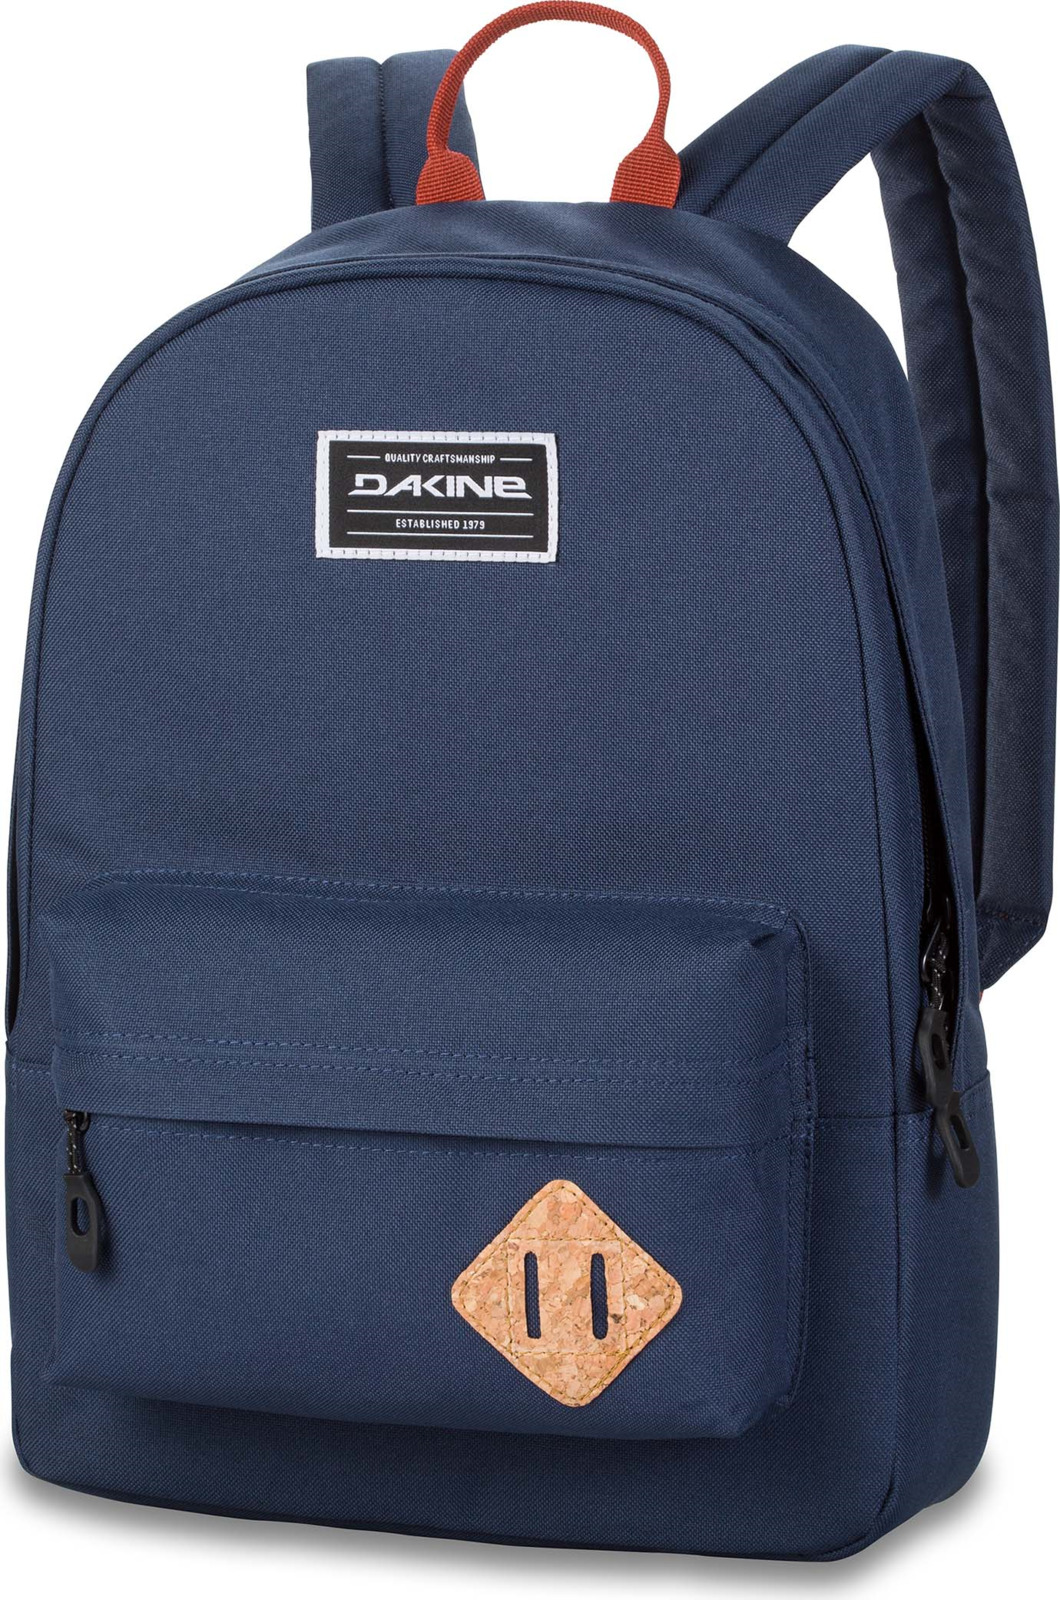 Рюкзак Dakine 365 Mini, цвет: темно-синий, 12 л цена